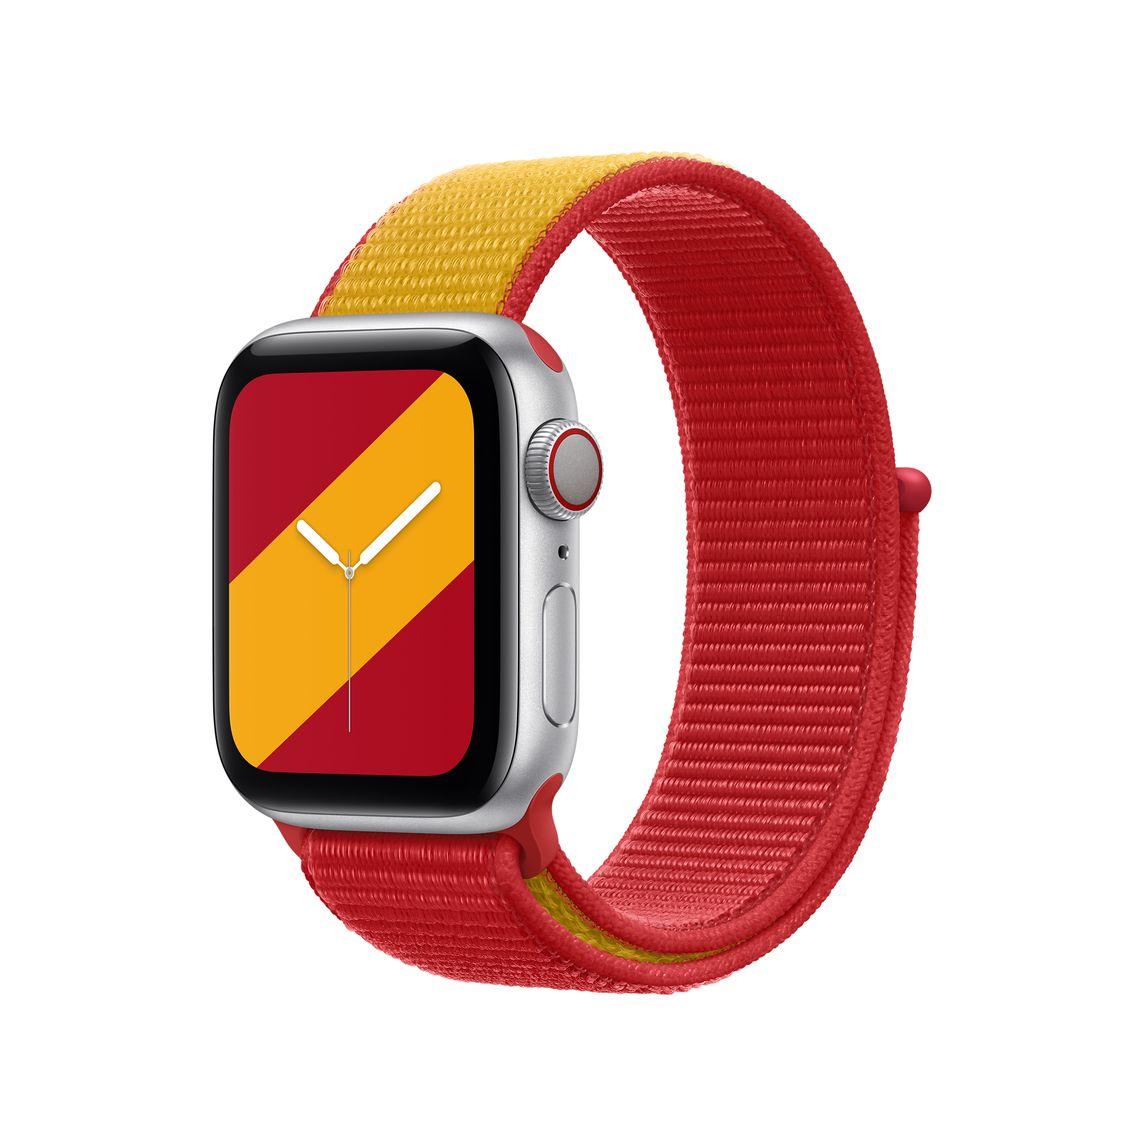 Apple Watch con sport solo loop basada en los colores de la bandera de España